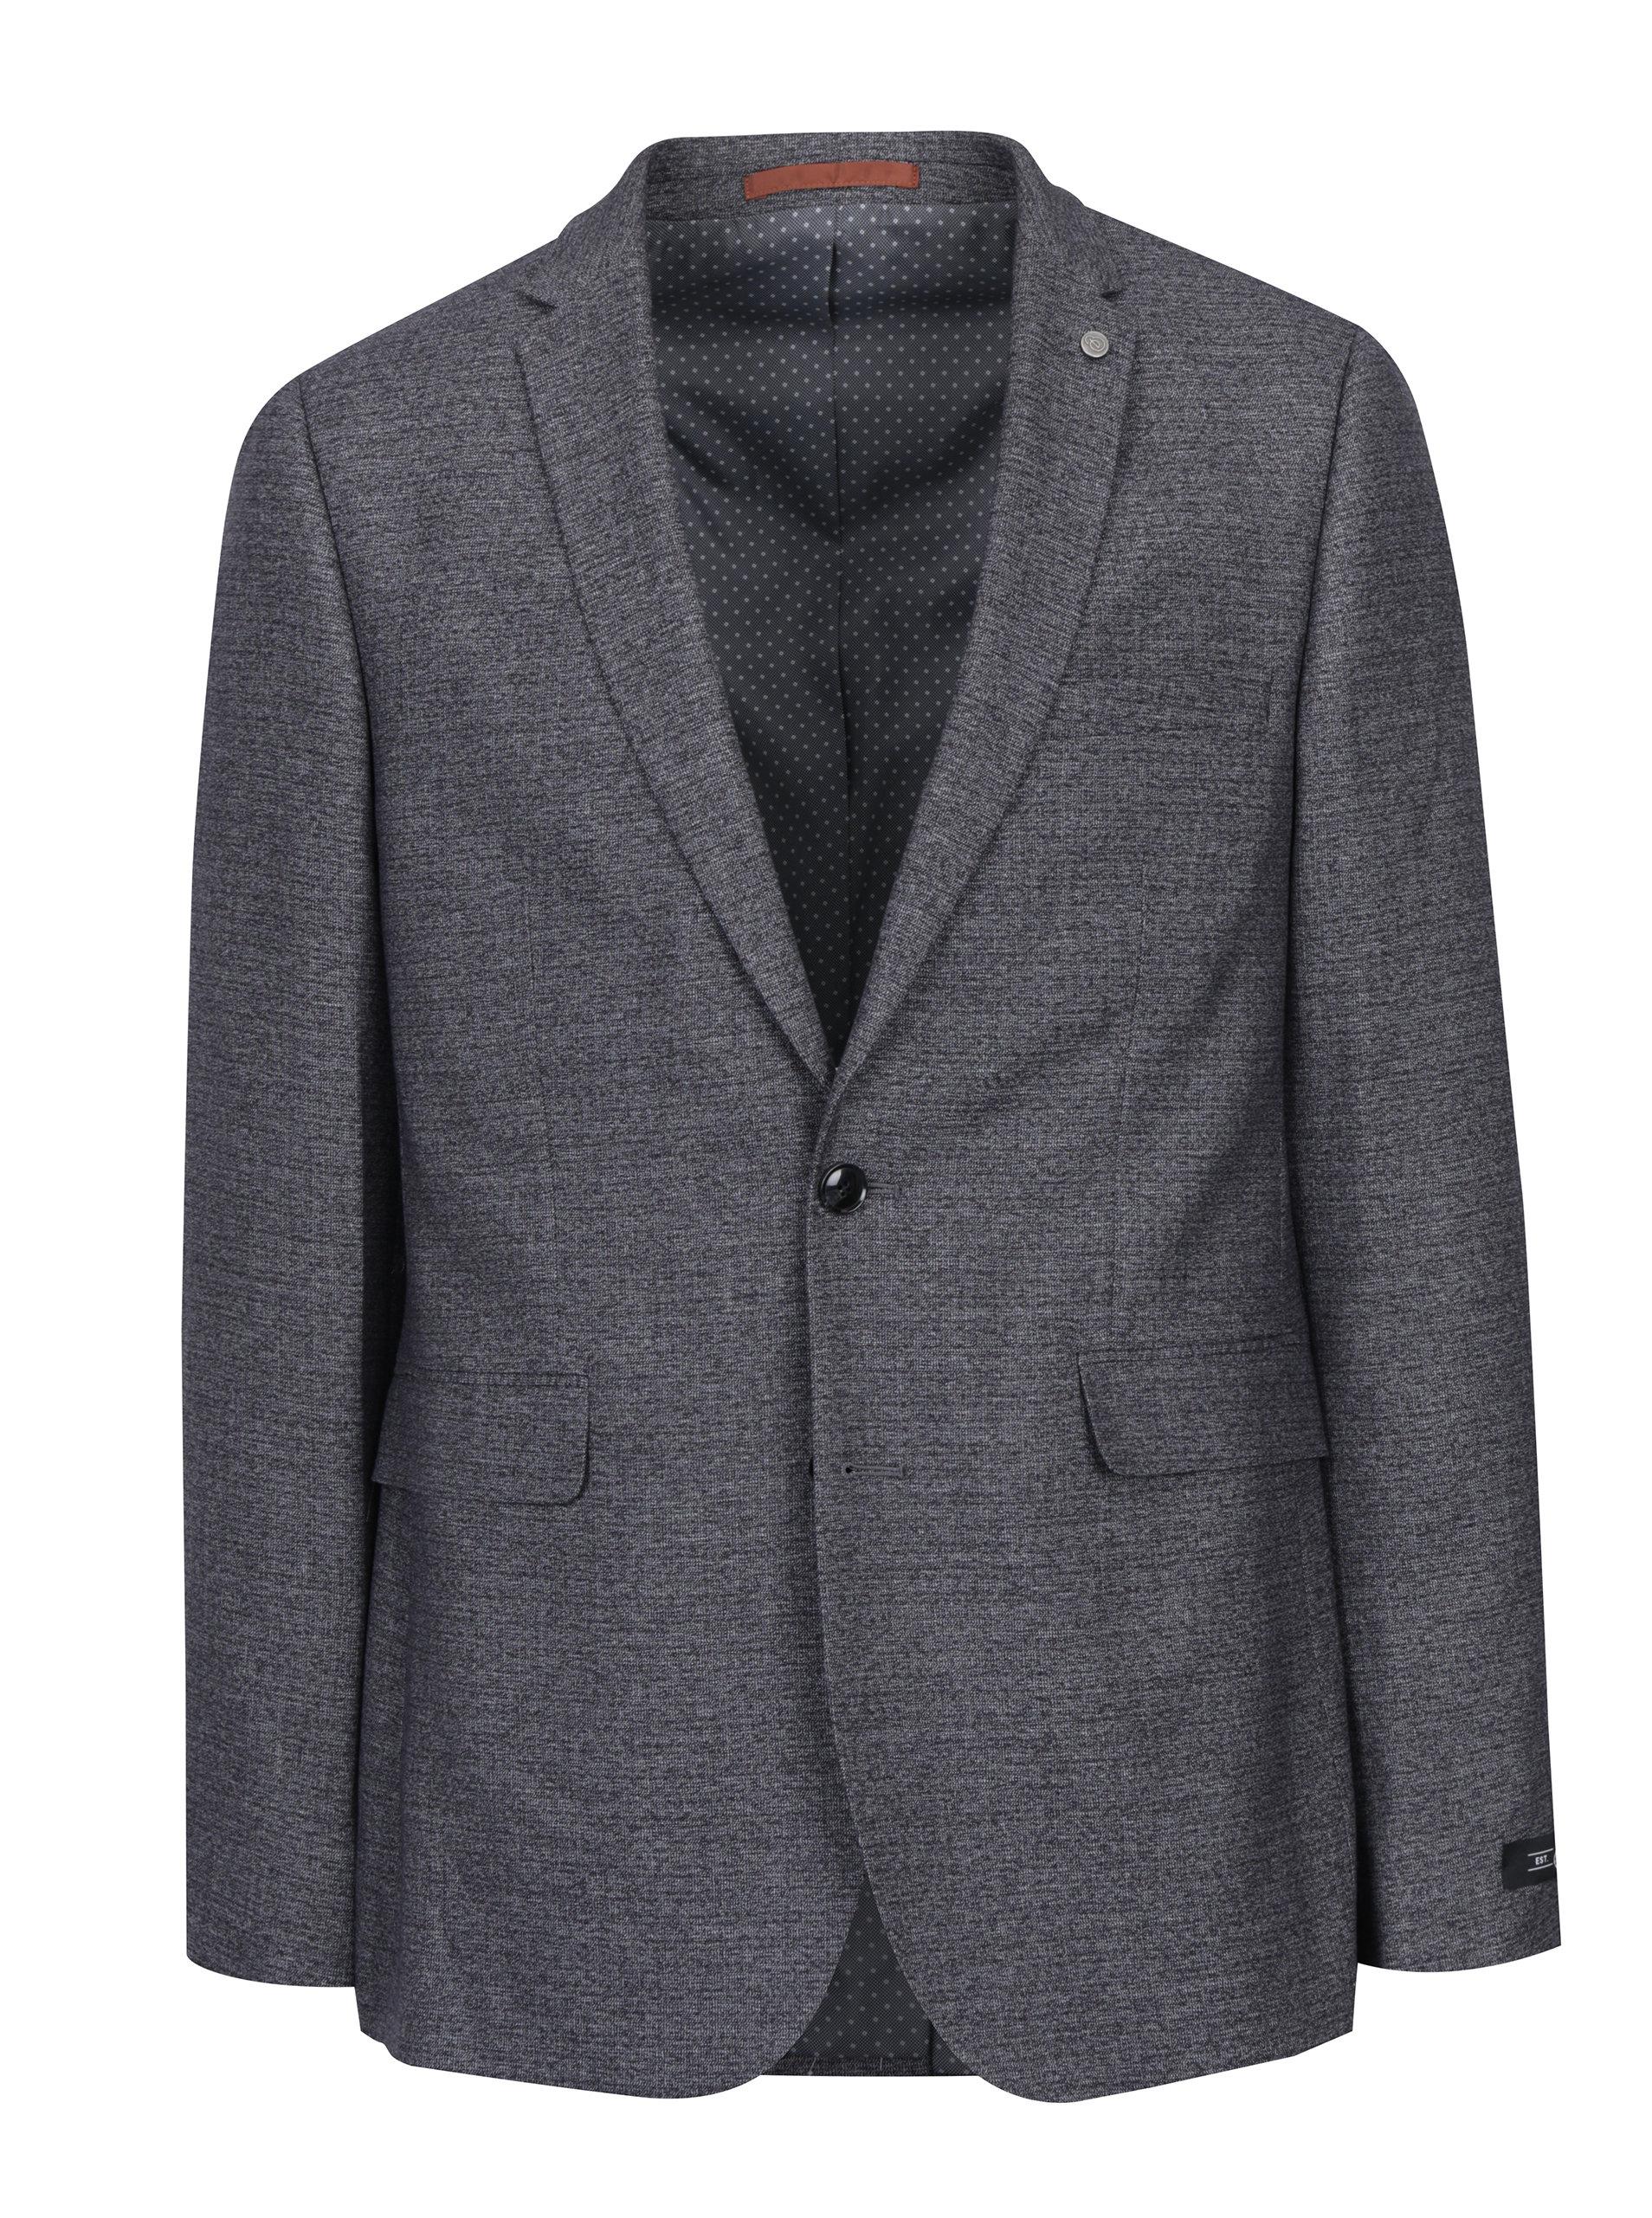 Šedé žíhané oblekové skinny sako Burton Menswear London